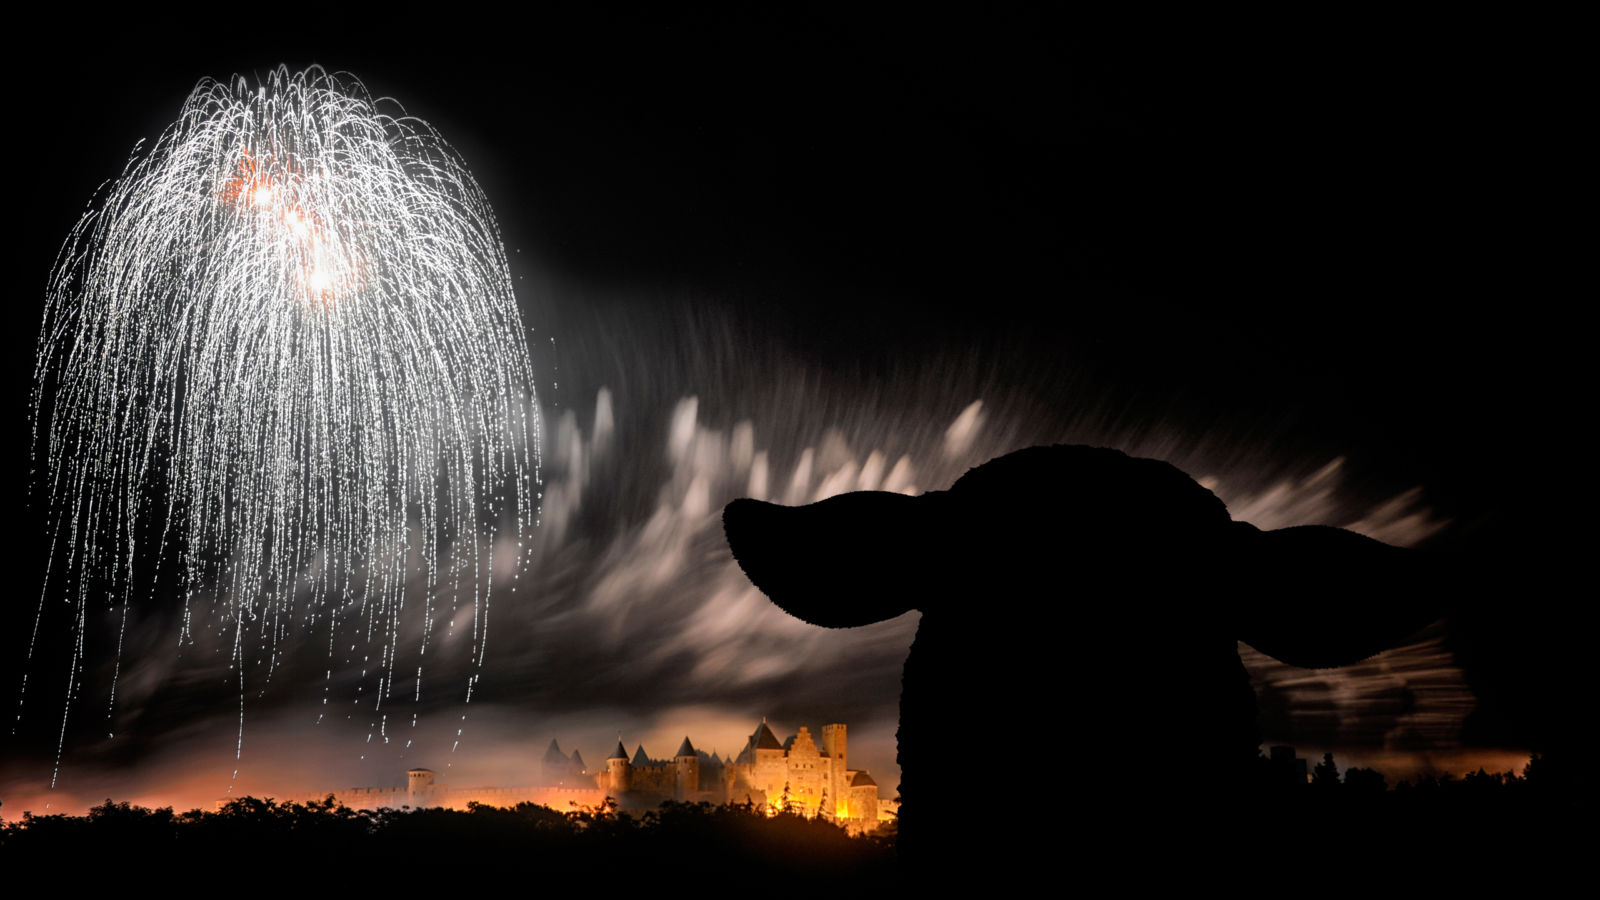 sheep-fireworks_fullsize